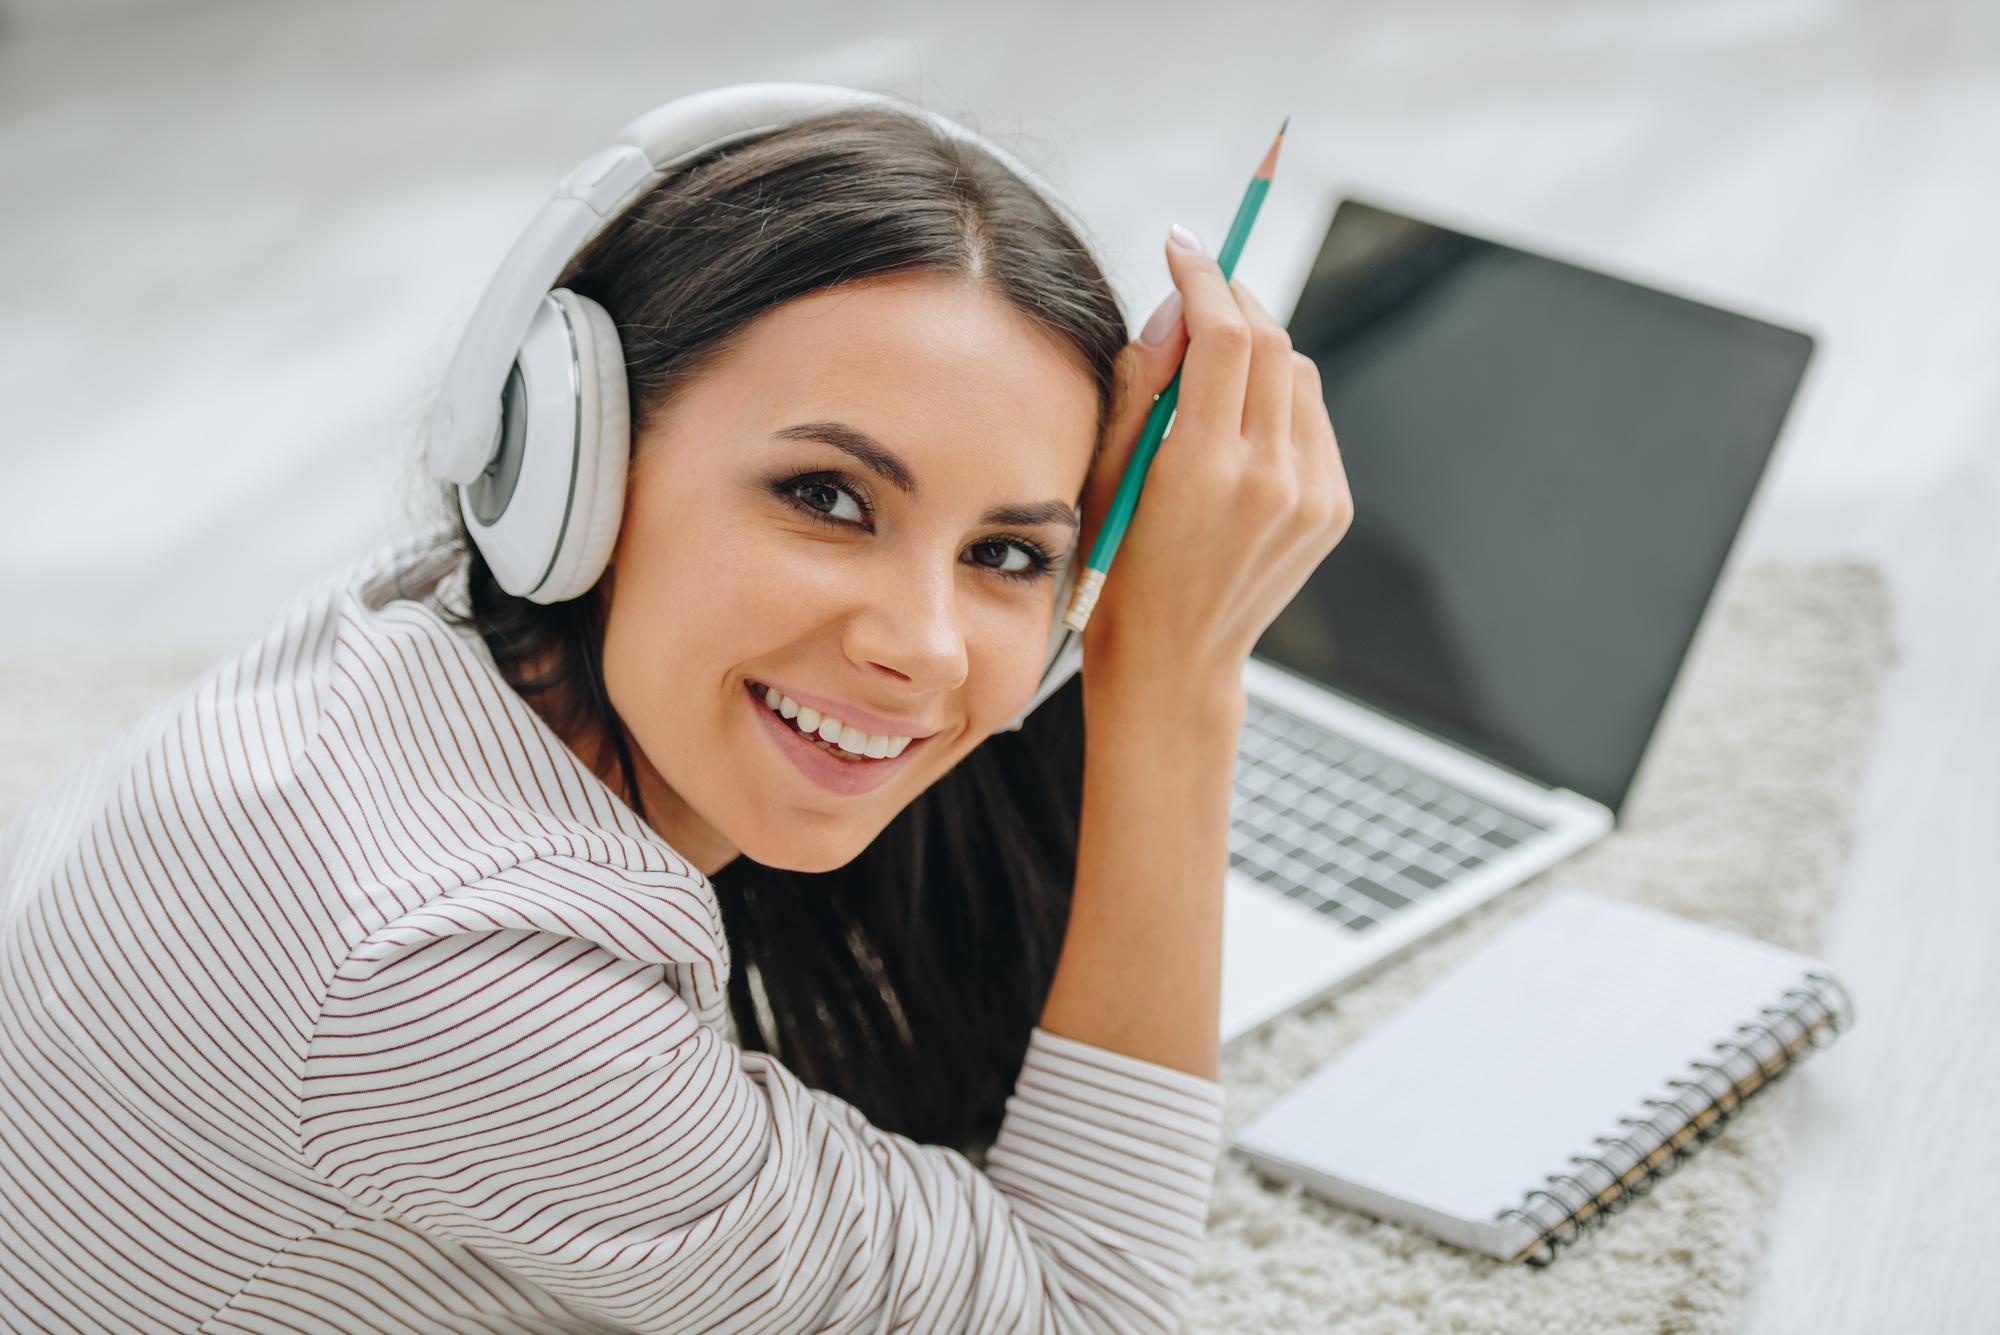 Онлайн-обучение — неотъемлемая часть сегодняшней реальности. Фото: depositphotos